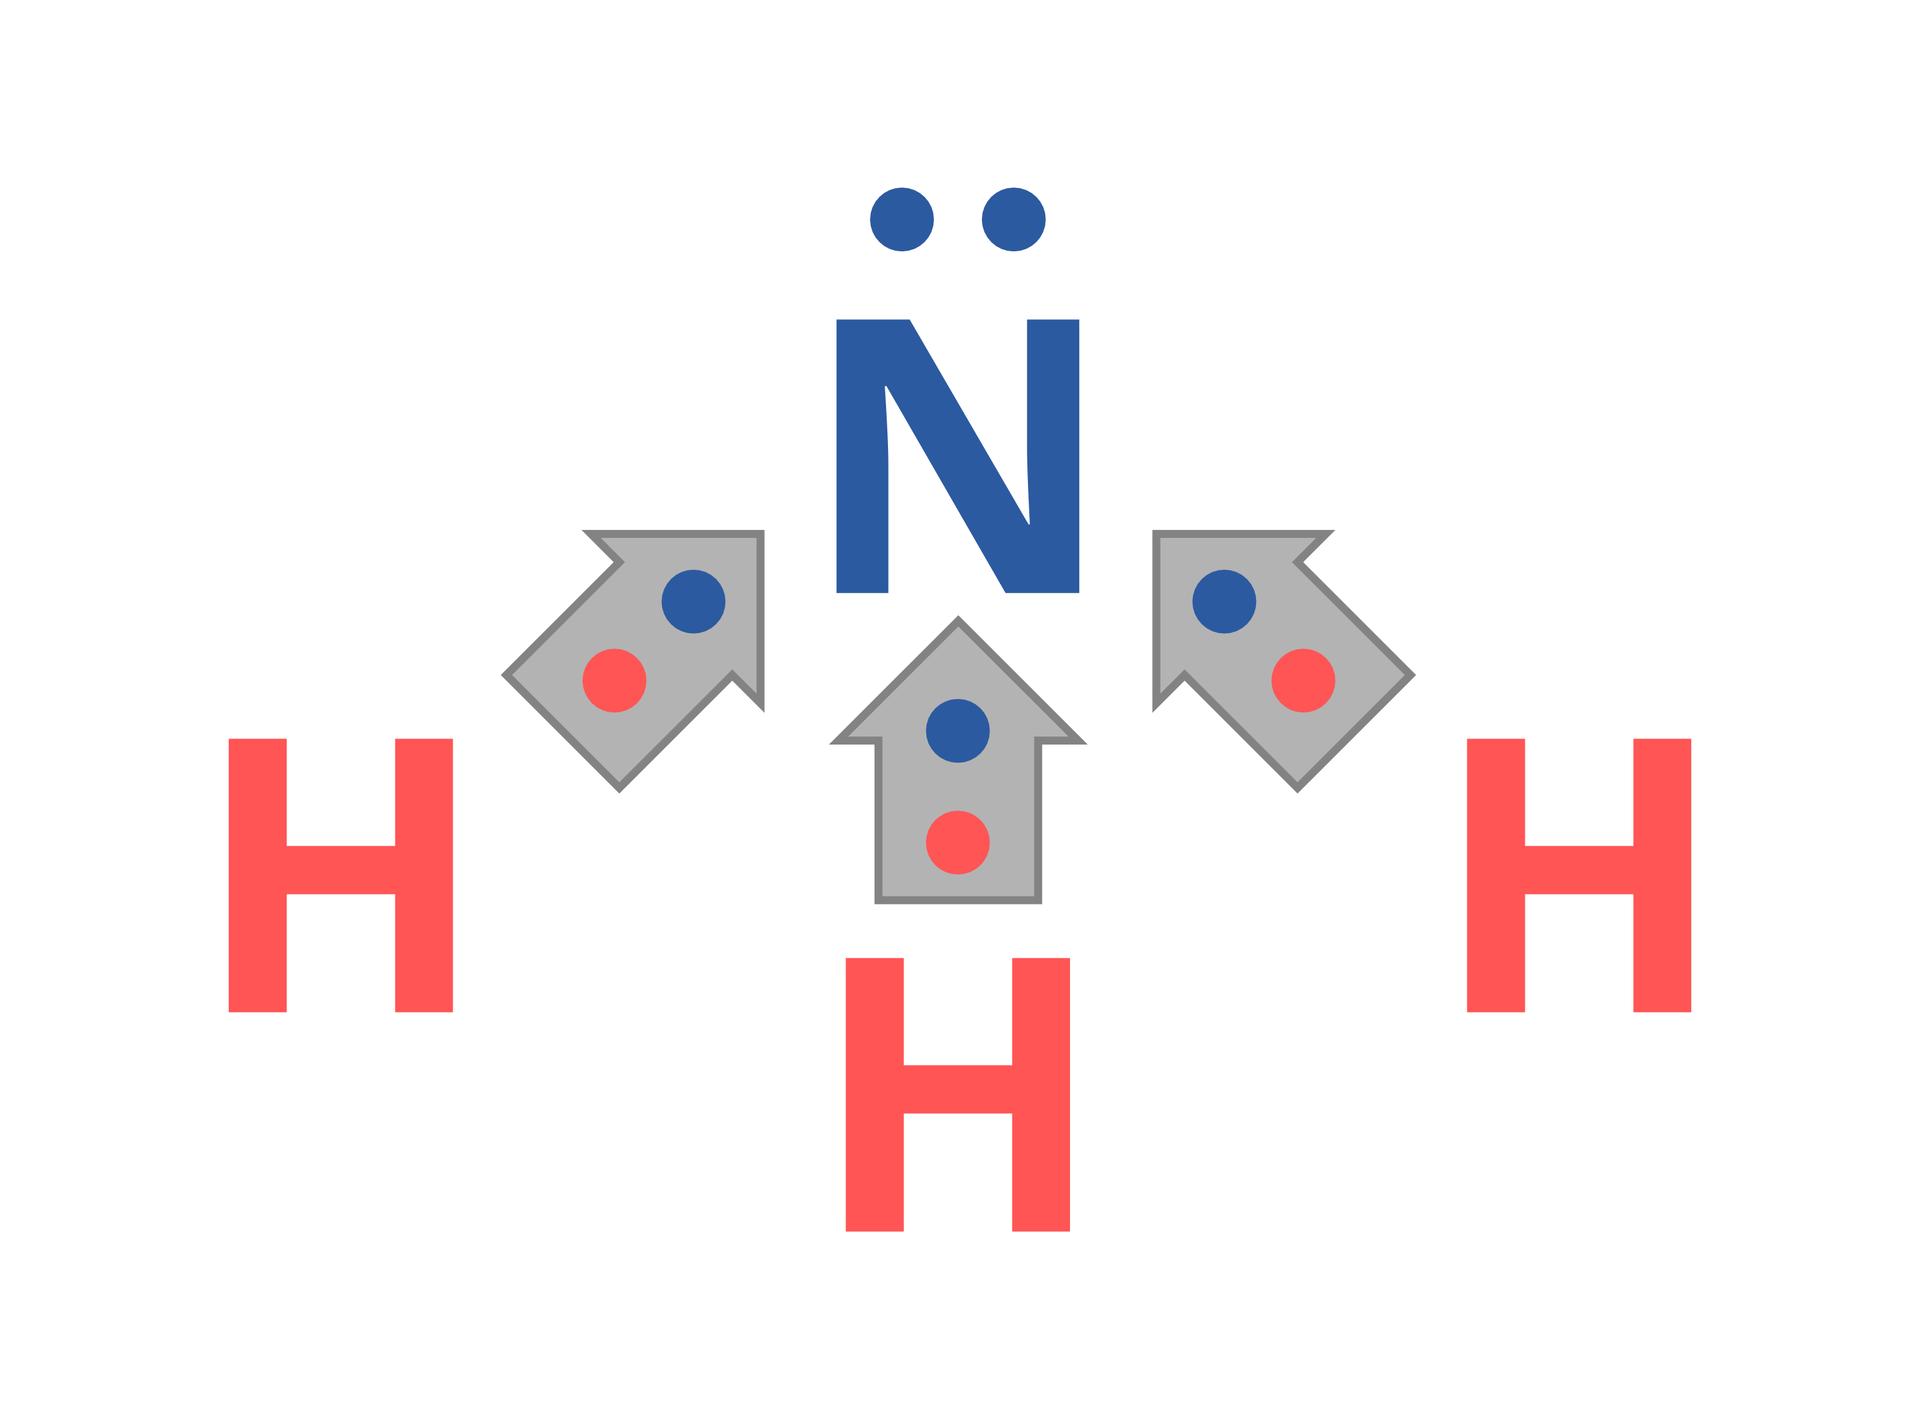 Ilustracja przedstawia cząsteczkę amoniaku ukazaną wpostaci wzoru elektronowego kropkowego podobnie jak na ilustracji powyżej, lecz zjednym wyjątkiem. Elektrony wiążące atomy wodoru zatomem azotu objęte są trzema szarymi strzałkami skierowanymi wstronę atomu azotu.